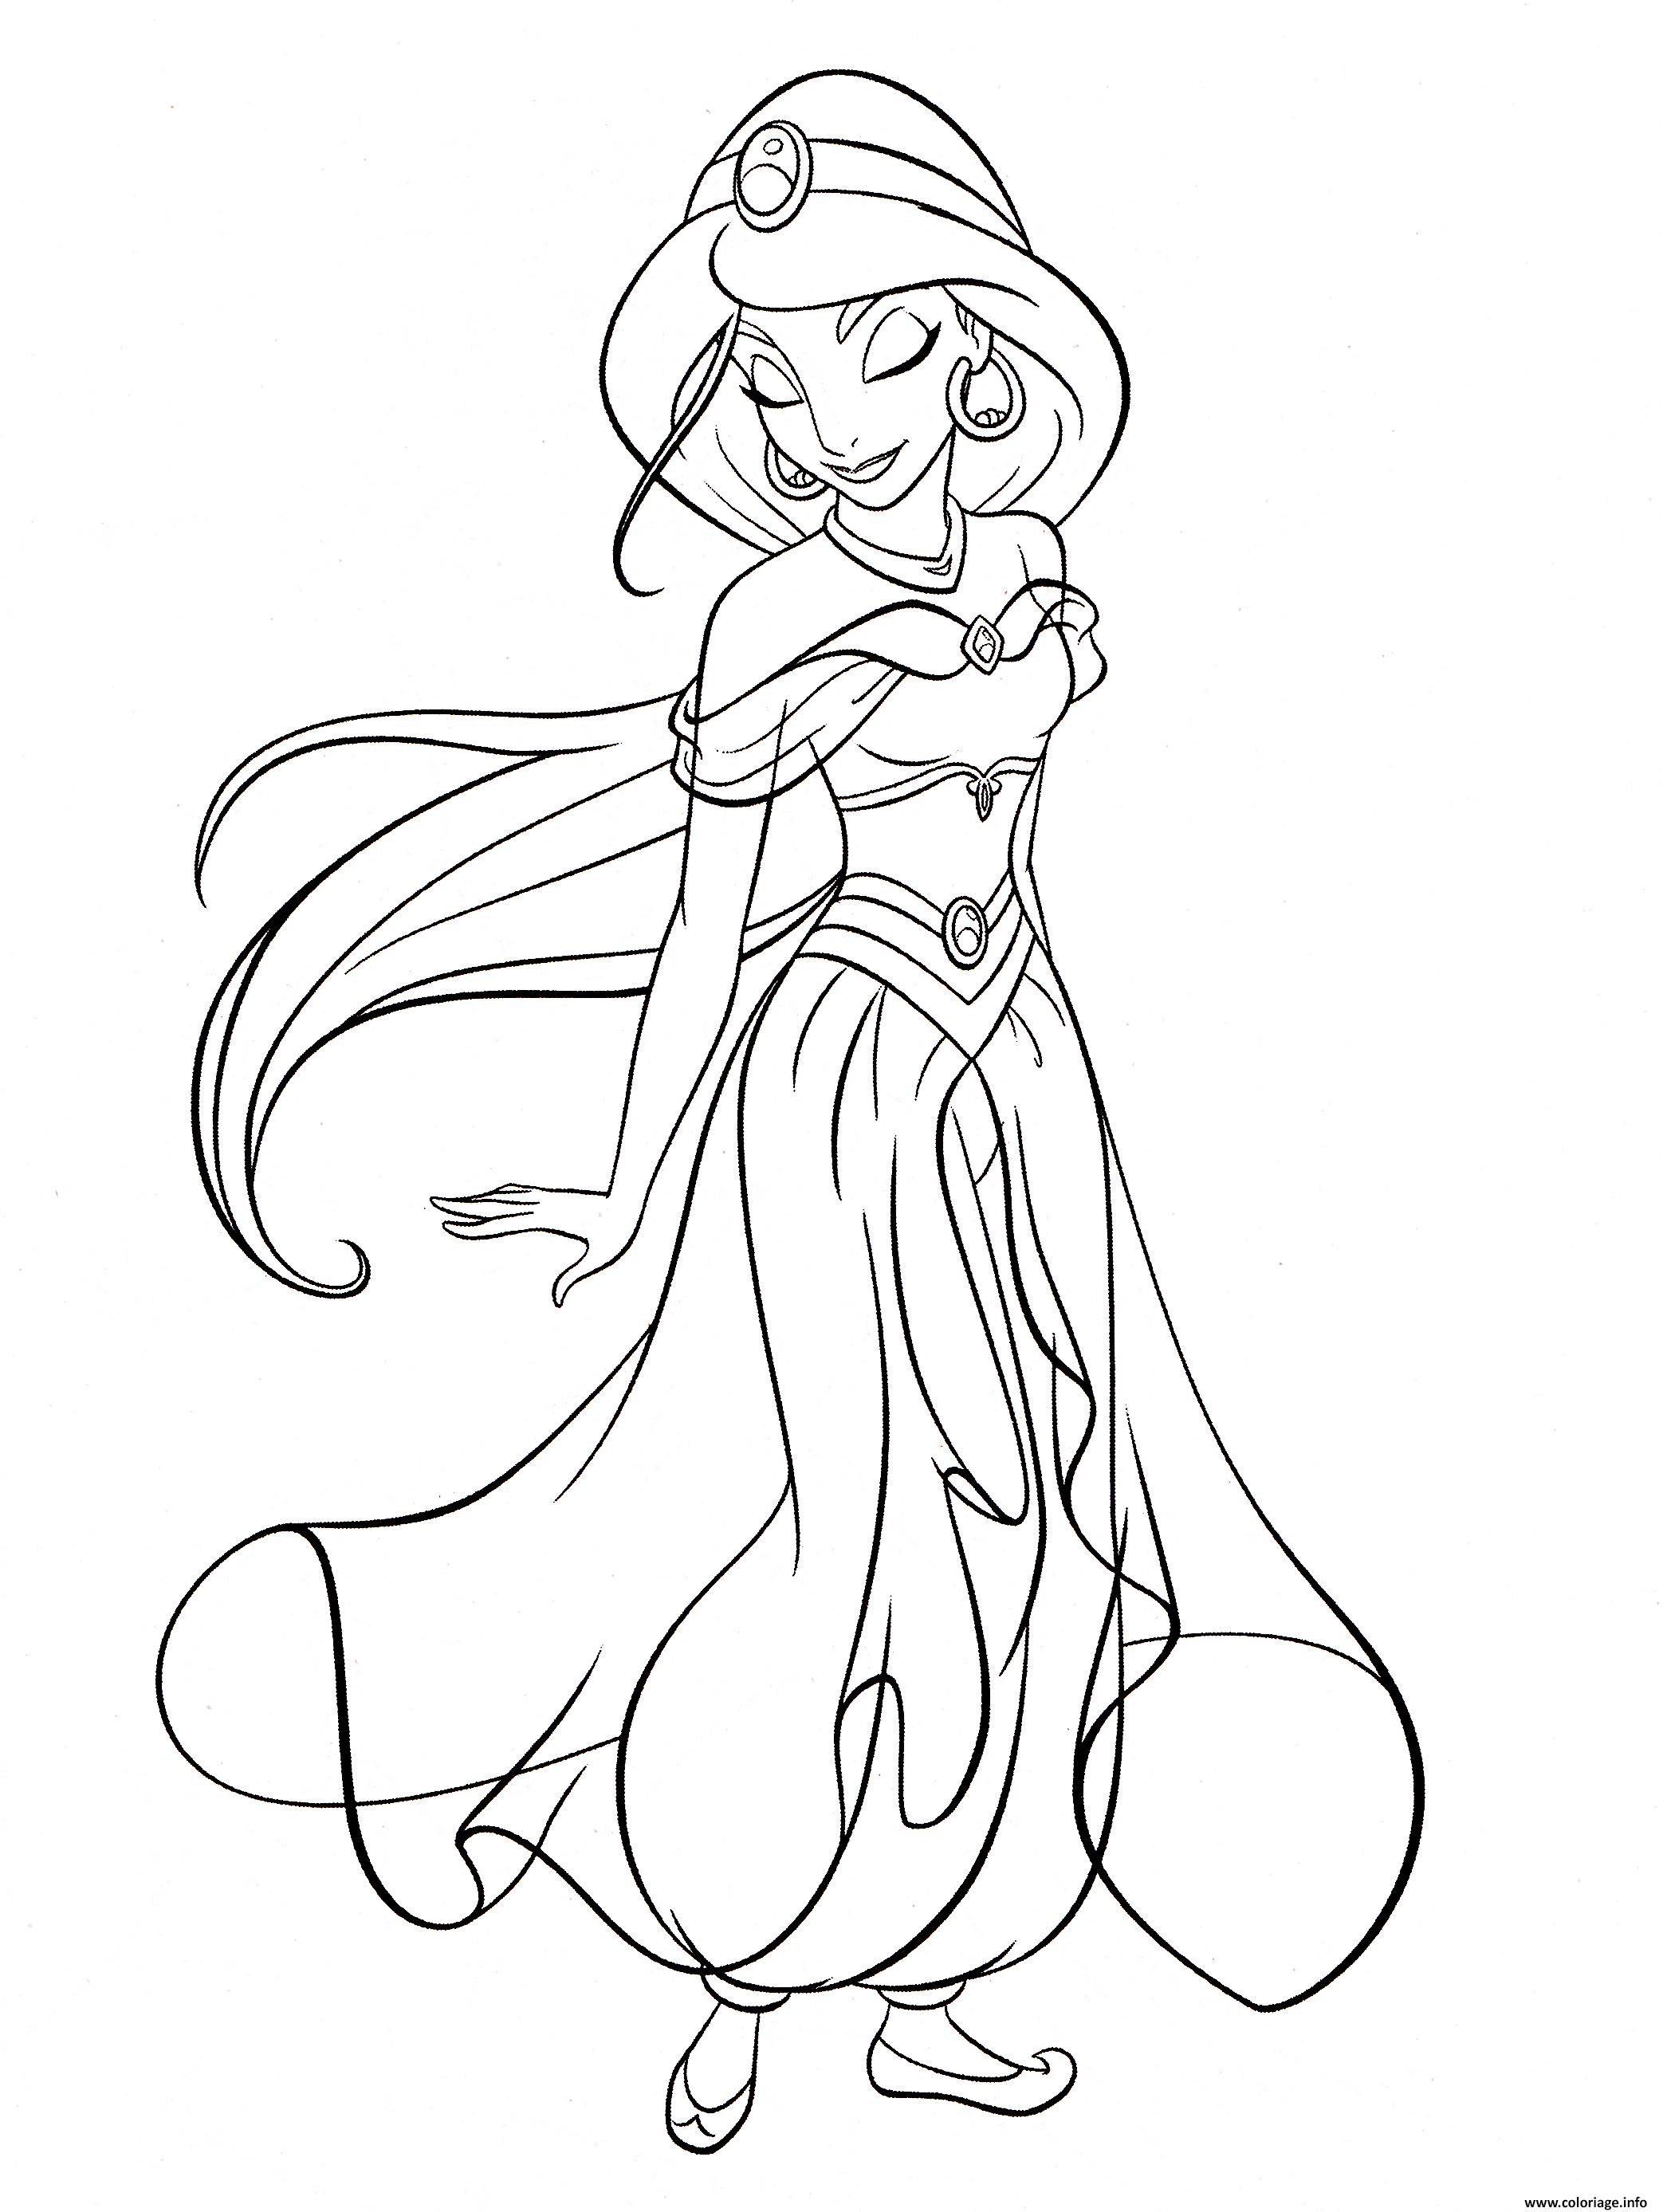 Coloriage princesse jasmine du conte Aladin et la lampe